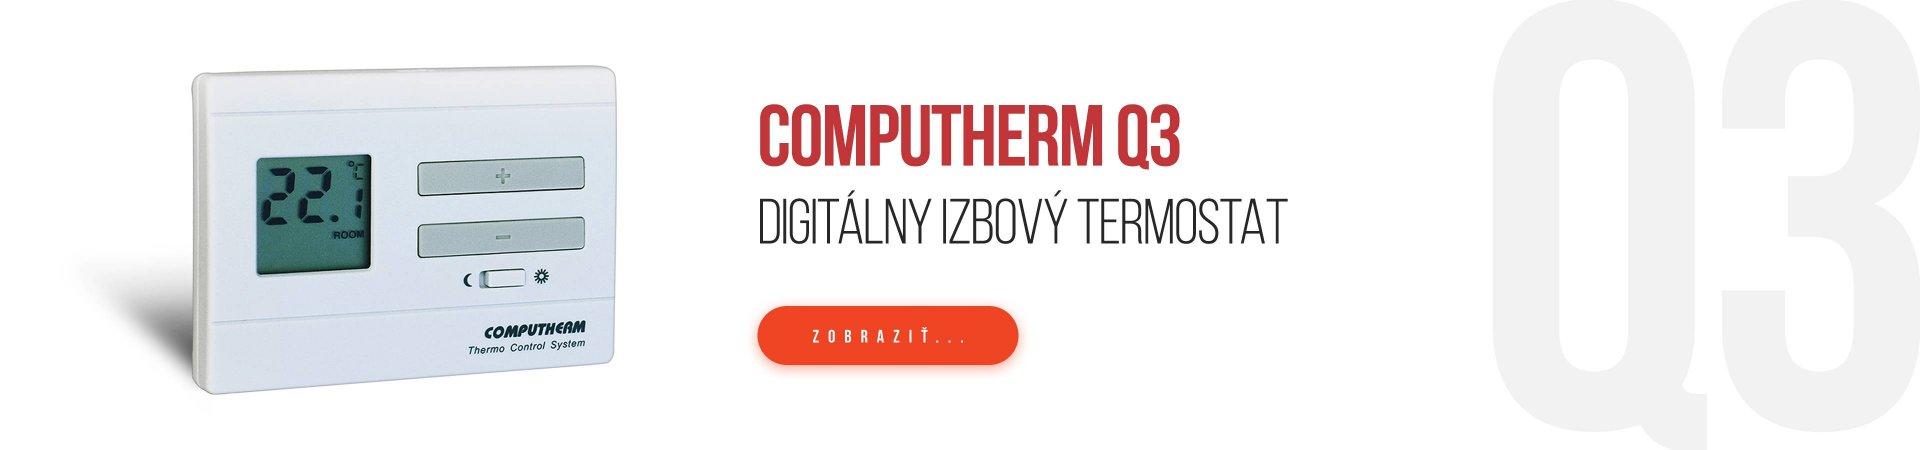 http://www.termostatshop.sk/digitalny-izbovy-termostat